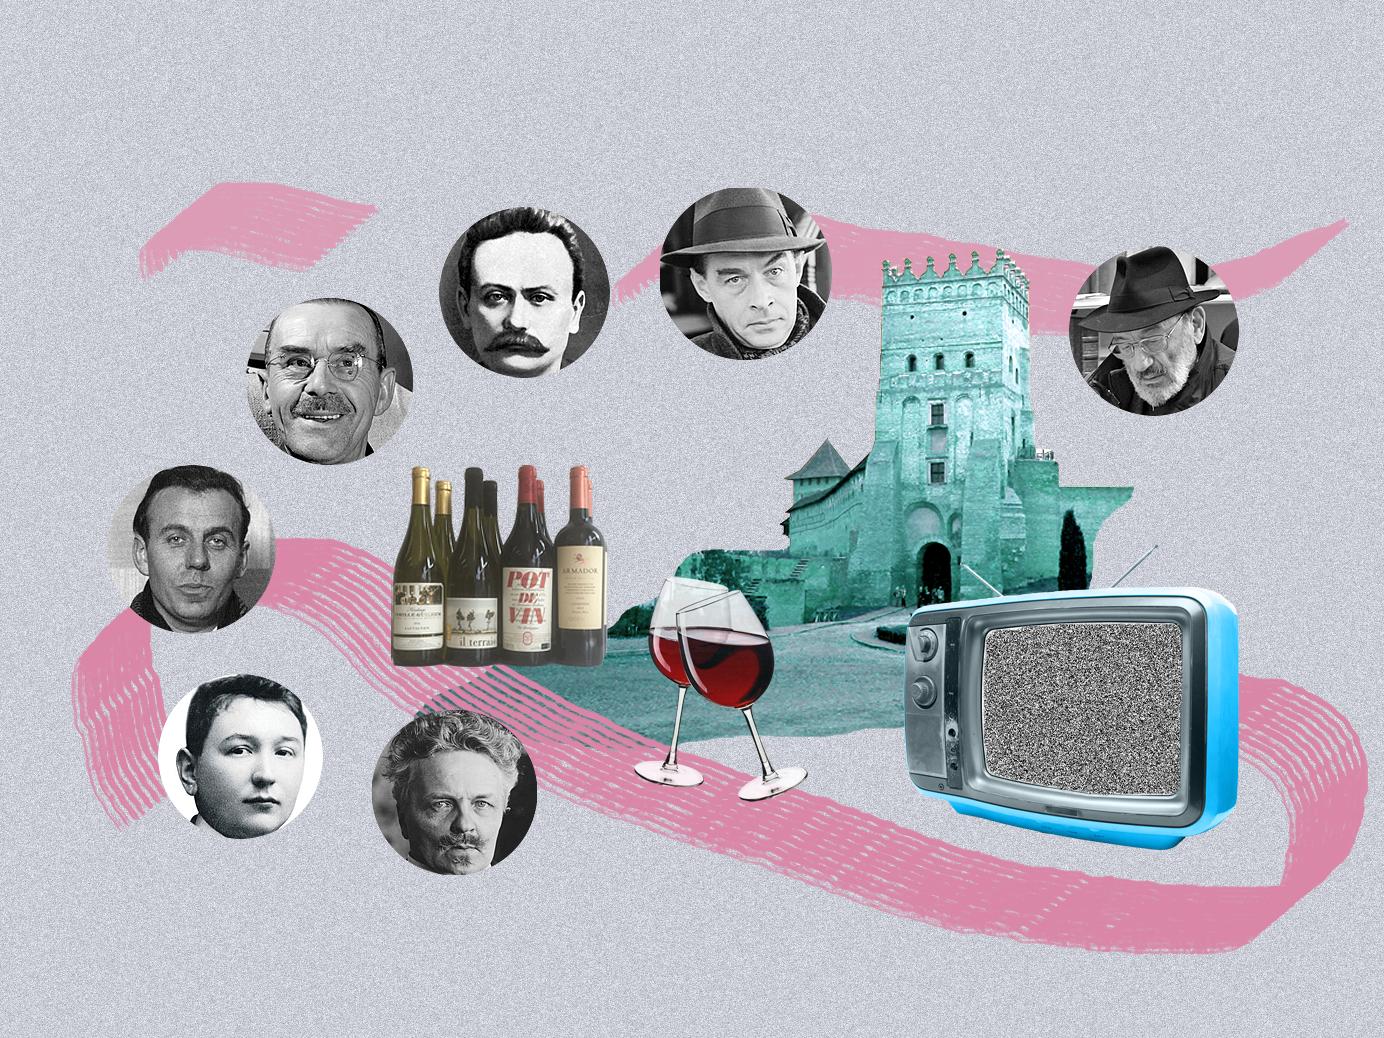 П'ятниця. Європейські письменники приїхали до Луцька випити